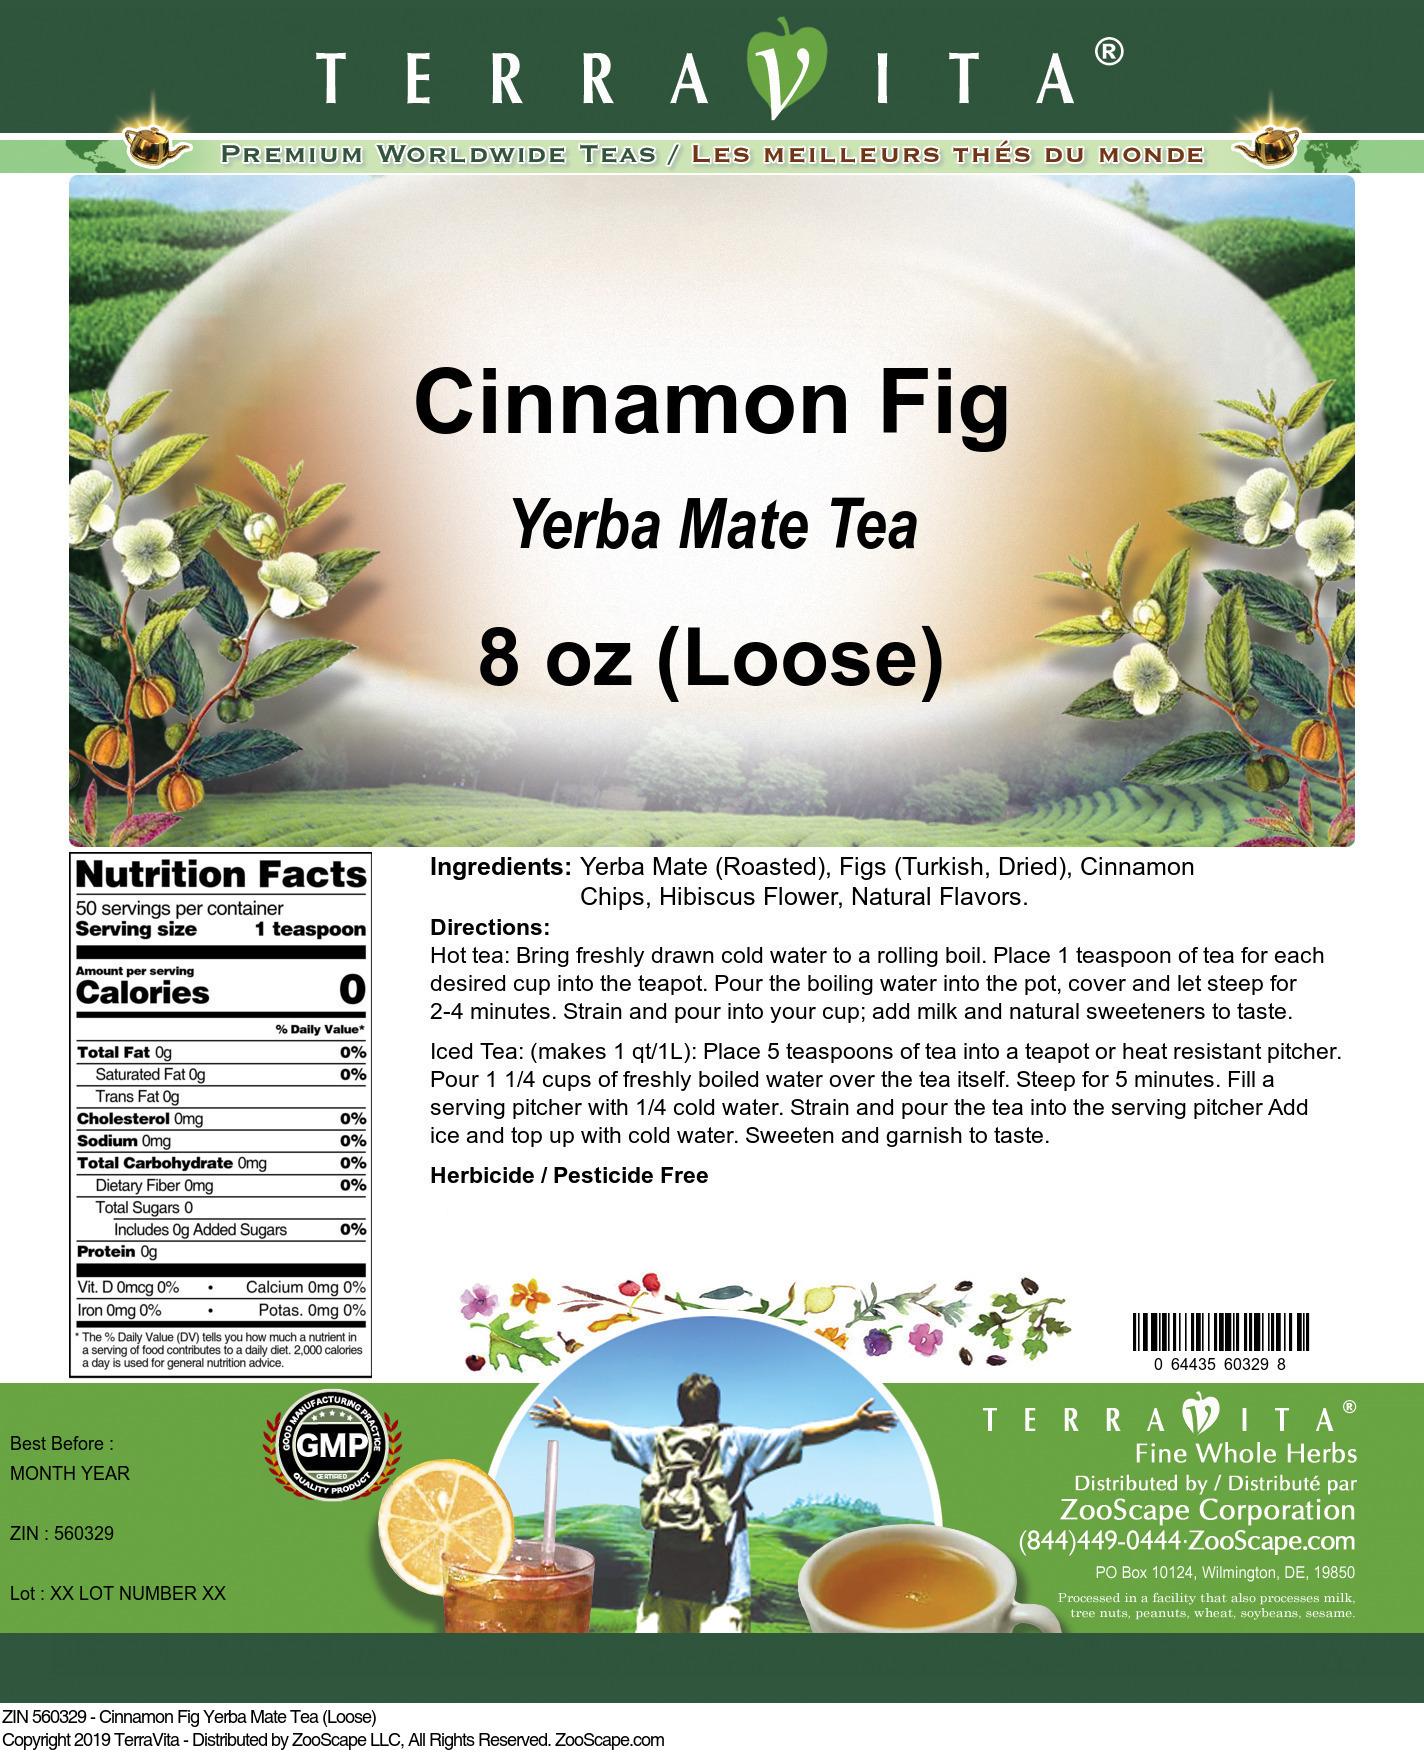 Cinnamon Fig Yerba Mate